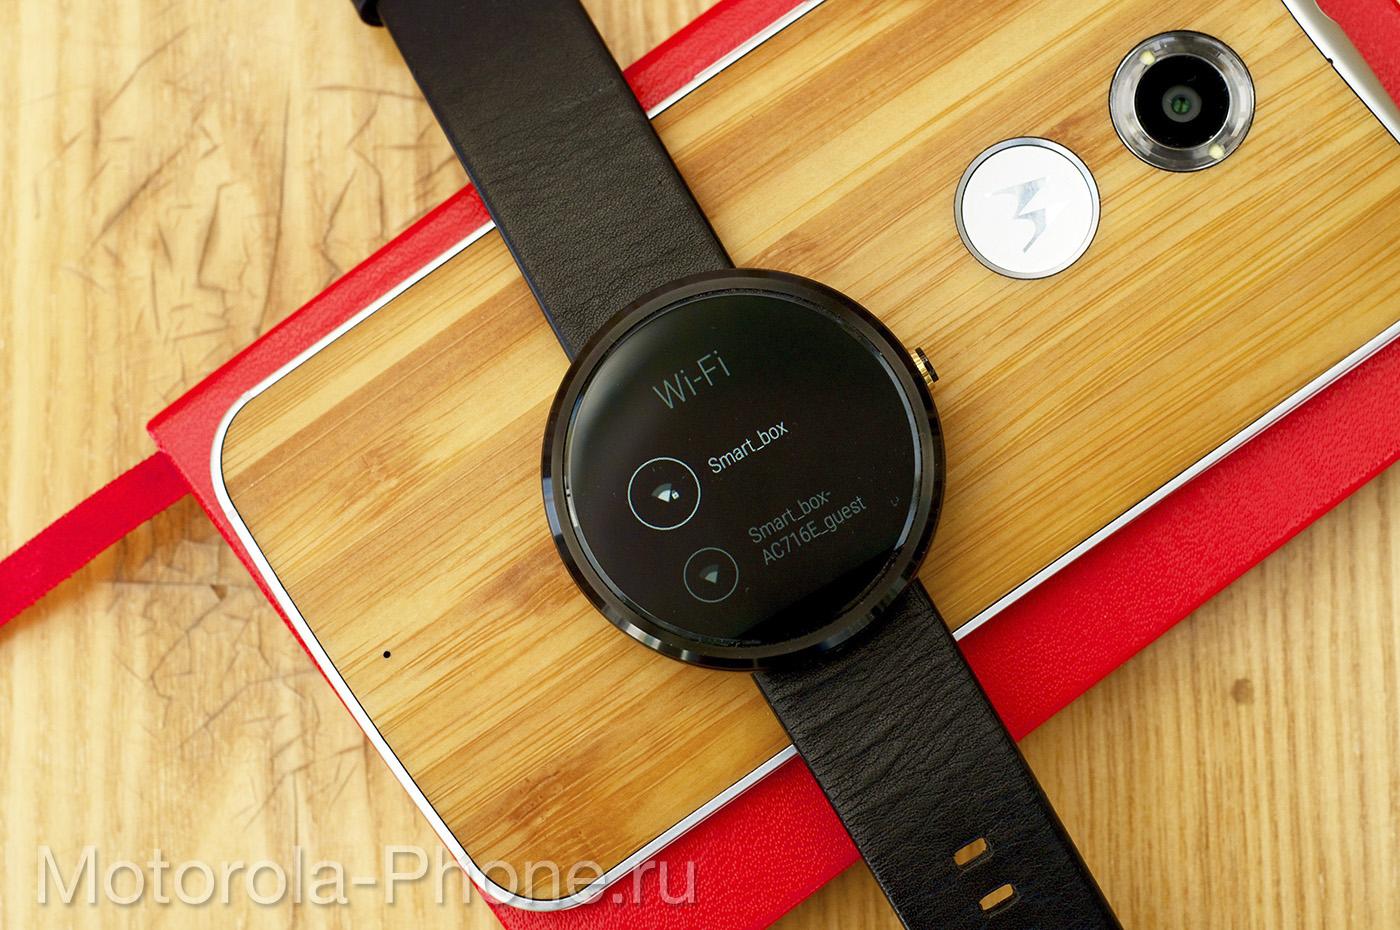 Motorola-Moto-360-Android-Wear-5-1-11 copy